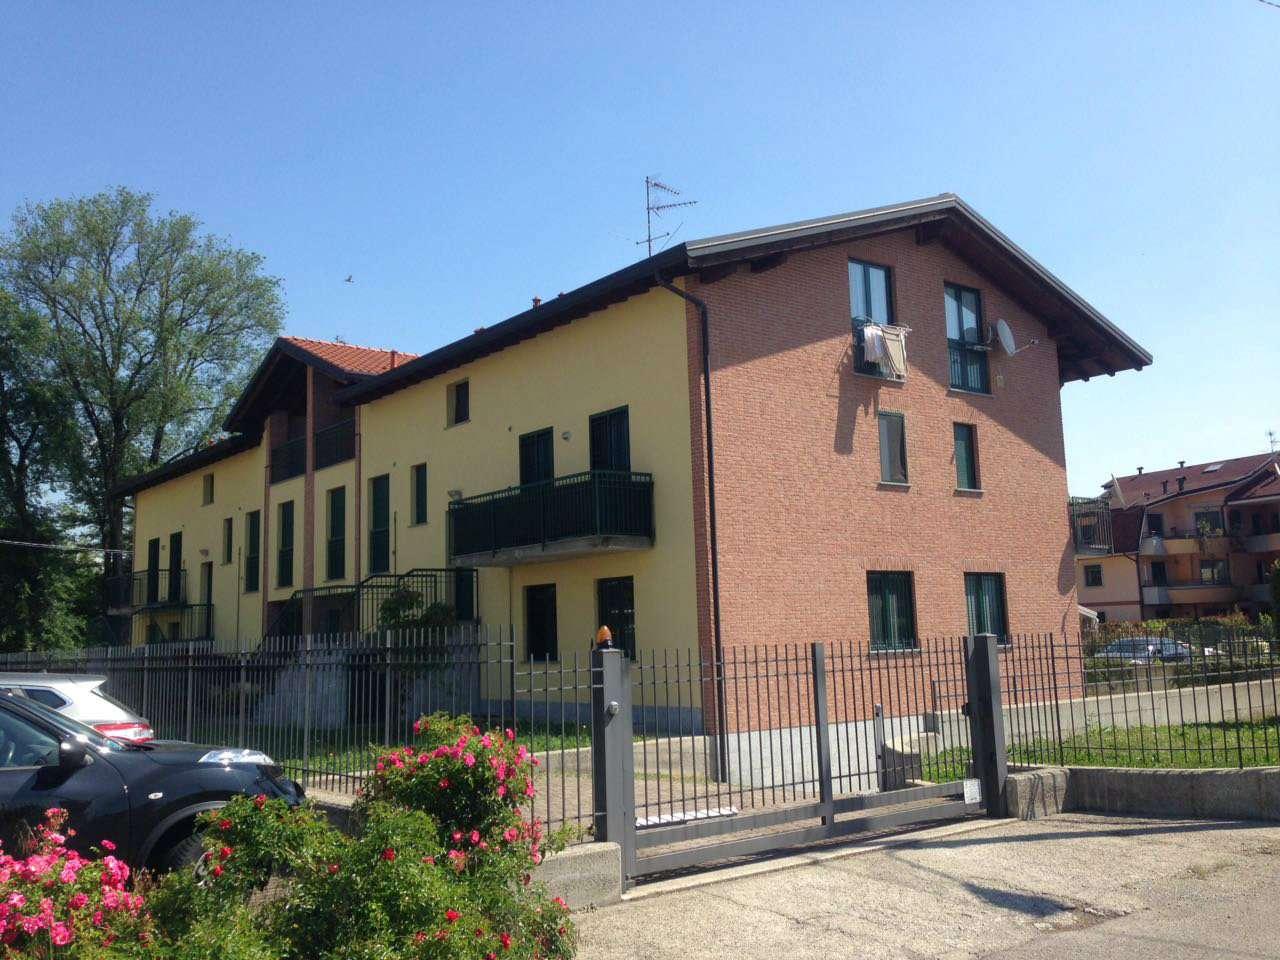 Attico / Mansarda in vendita a Vizzola Ticino, 2 locali, prezzo € 89.000 | PortaleAgenzieImmobiliari.it